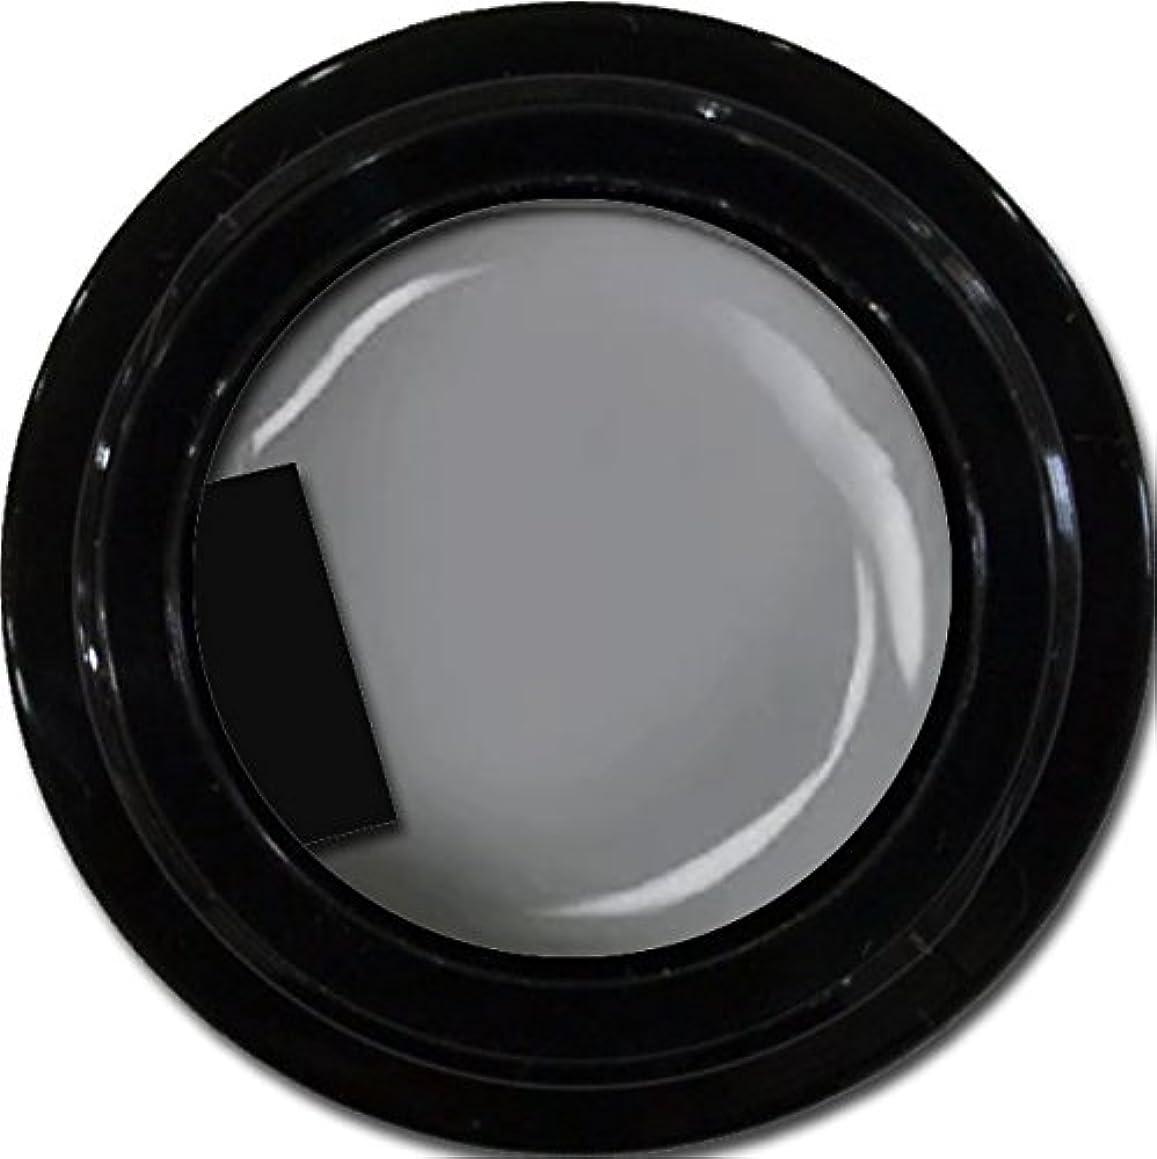 貝殻十分な移動カラージェル enchant color gel M807 LegendGray 3g/ マットカラージェル M807レジェンドグレイ 3グラム